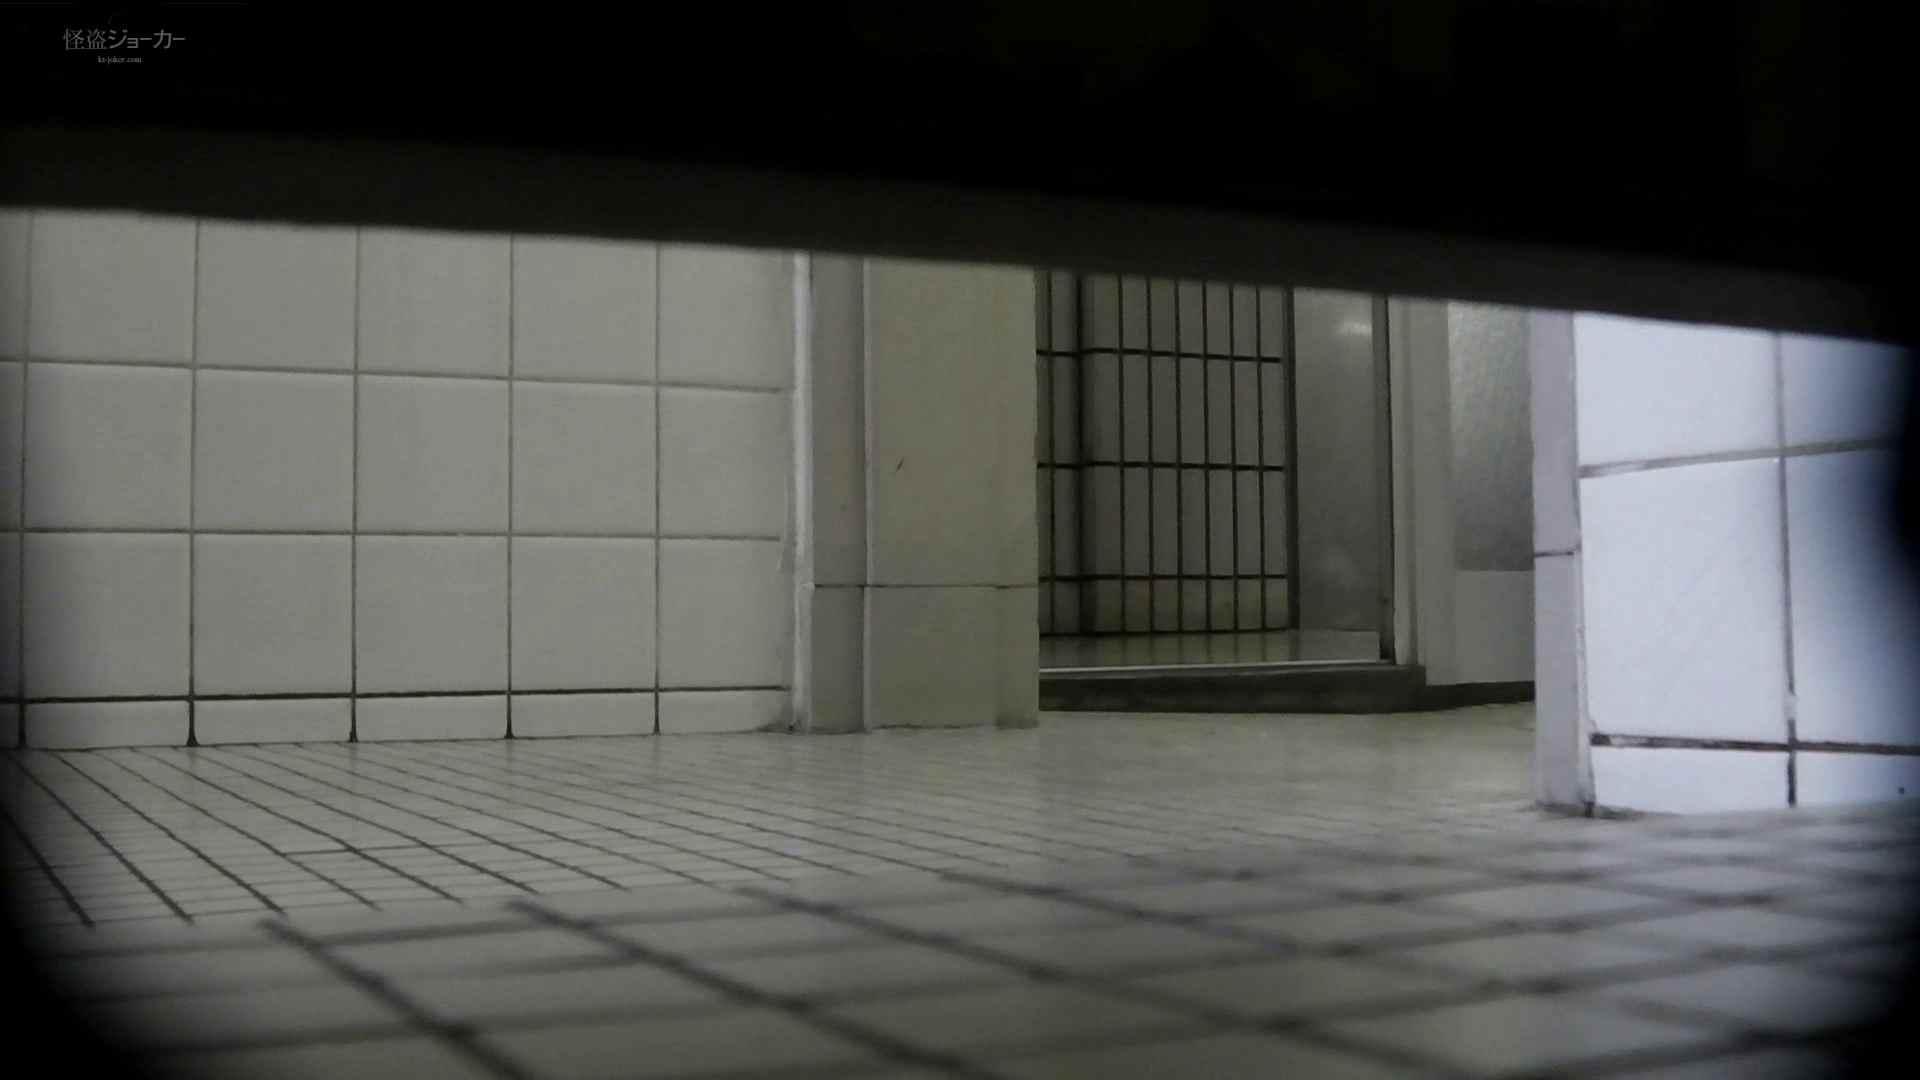 【美しき個室な世界】洗面所特攻隊 vol.046 更に進化【2015・07位】 洗面所  66pic 6